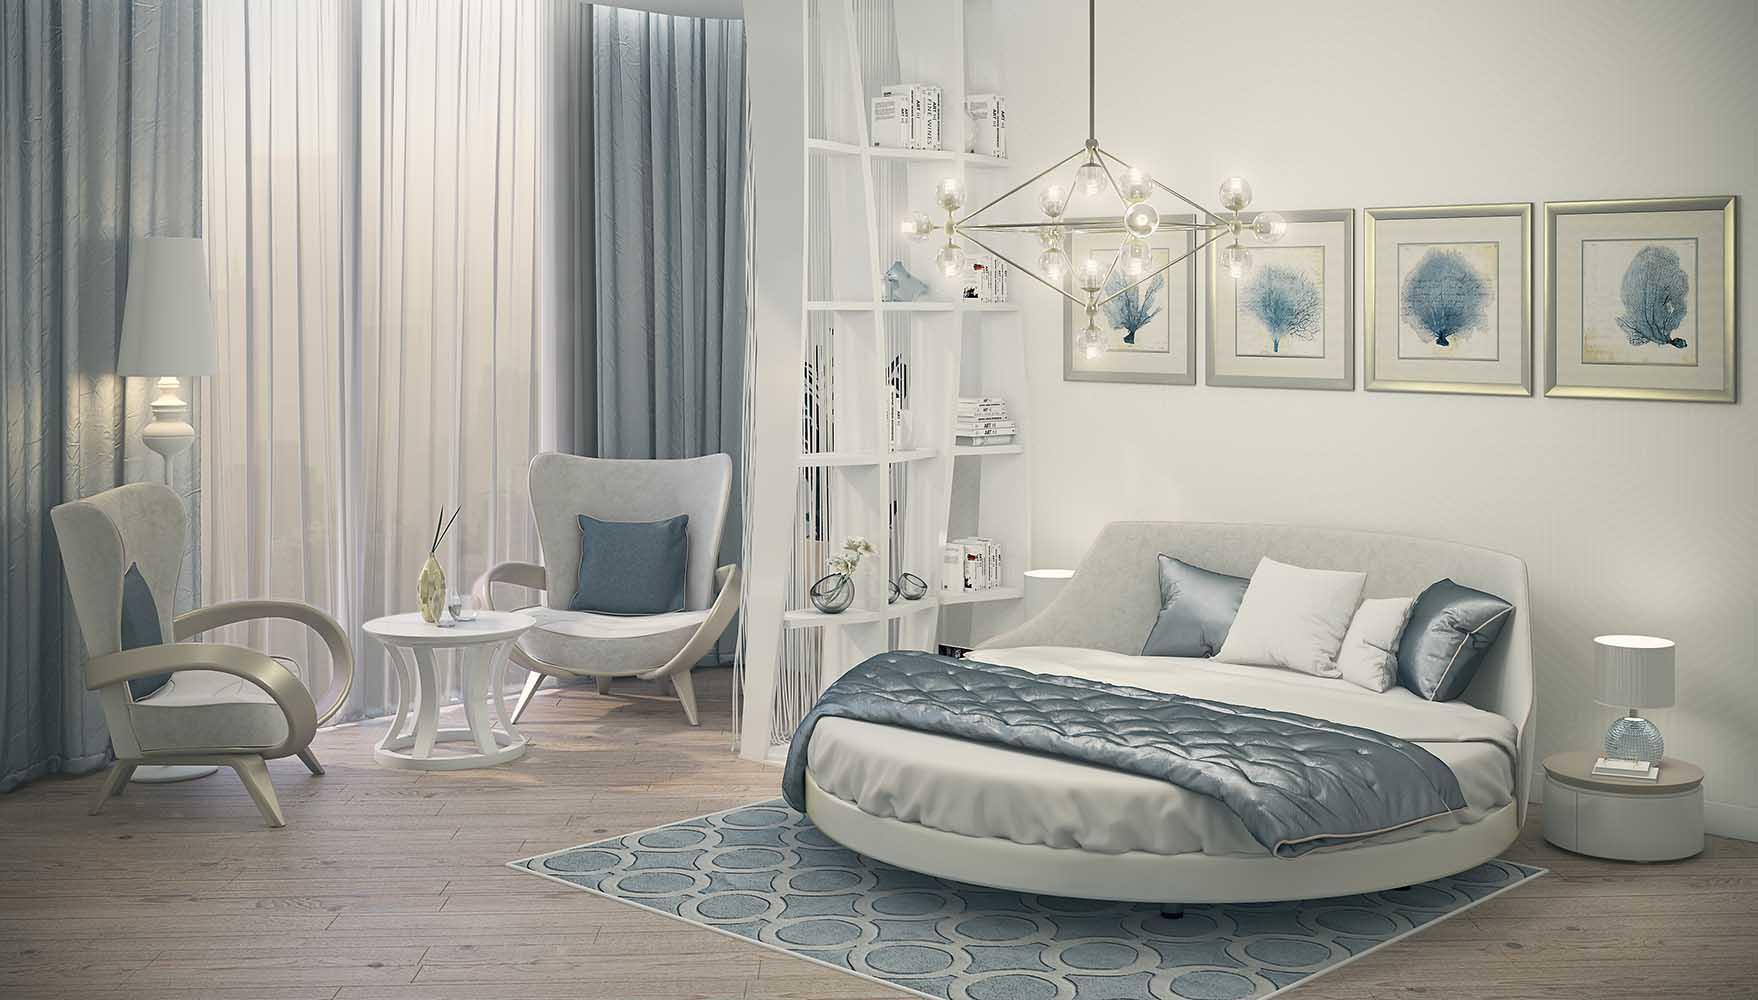 кровать двуспальная круглая купить